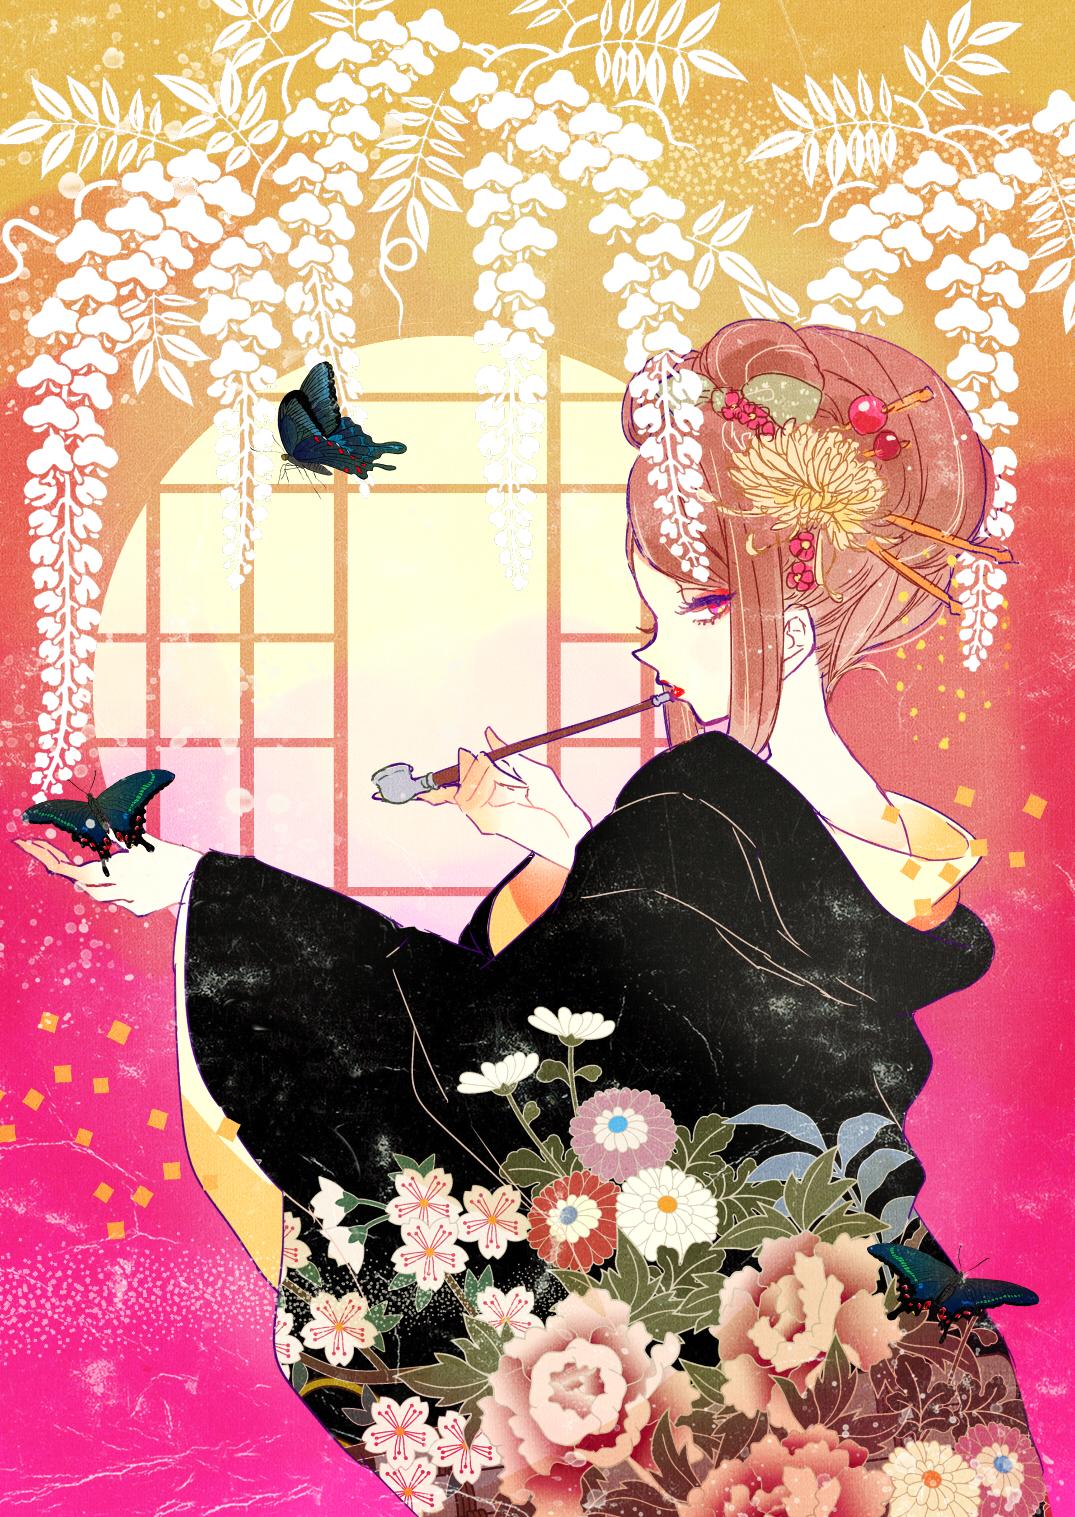 shibuki ran - aikatsu  - mobile wallpaper  1676714